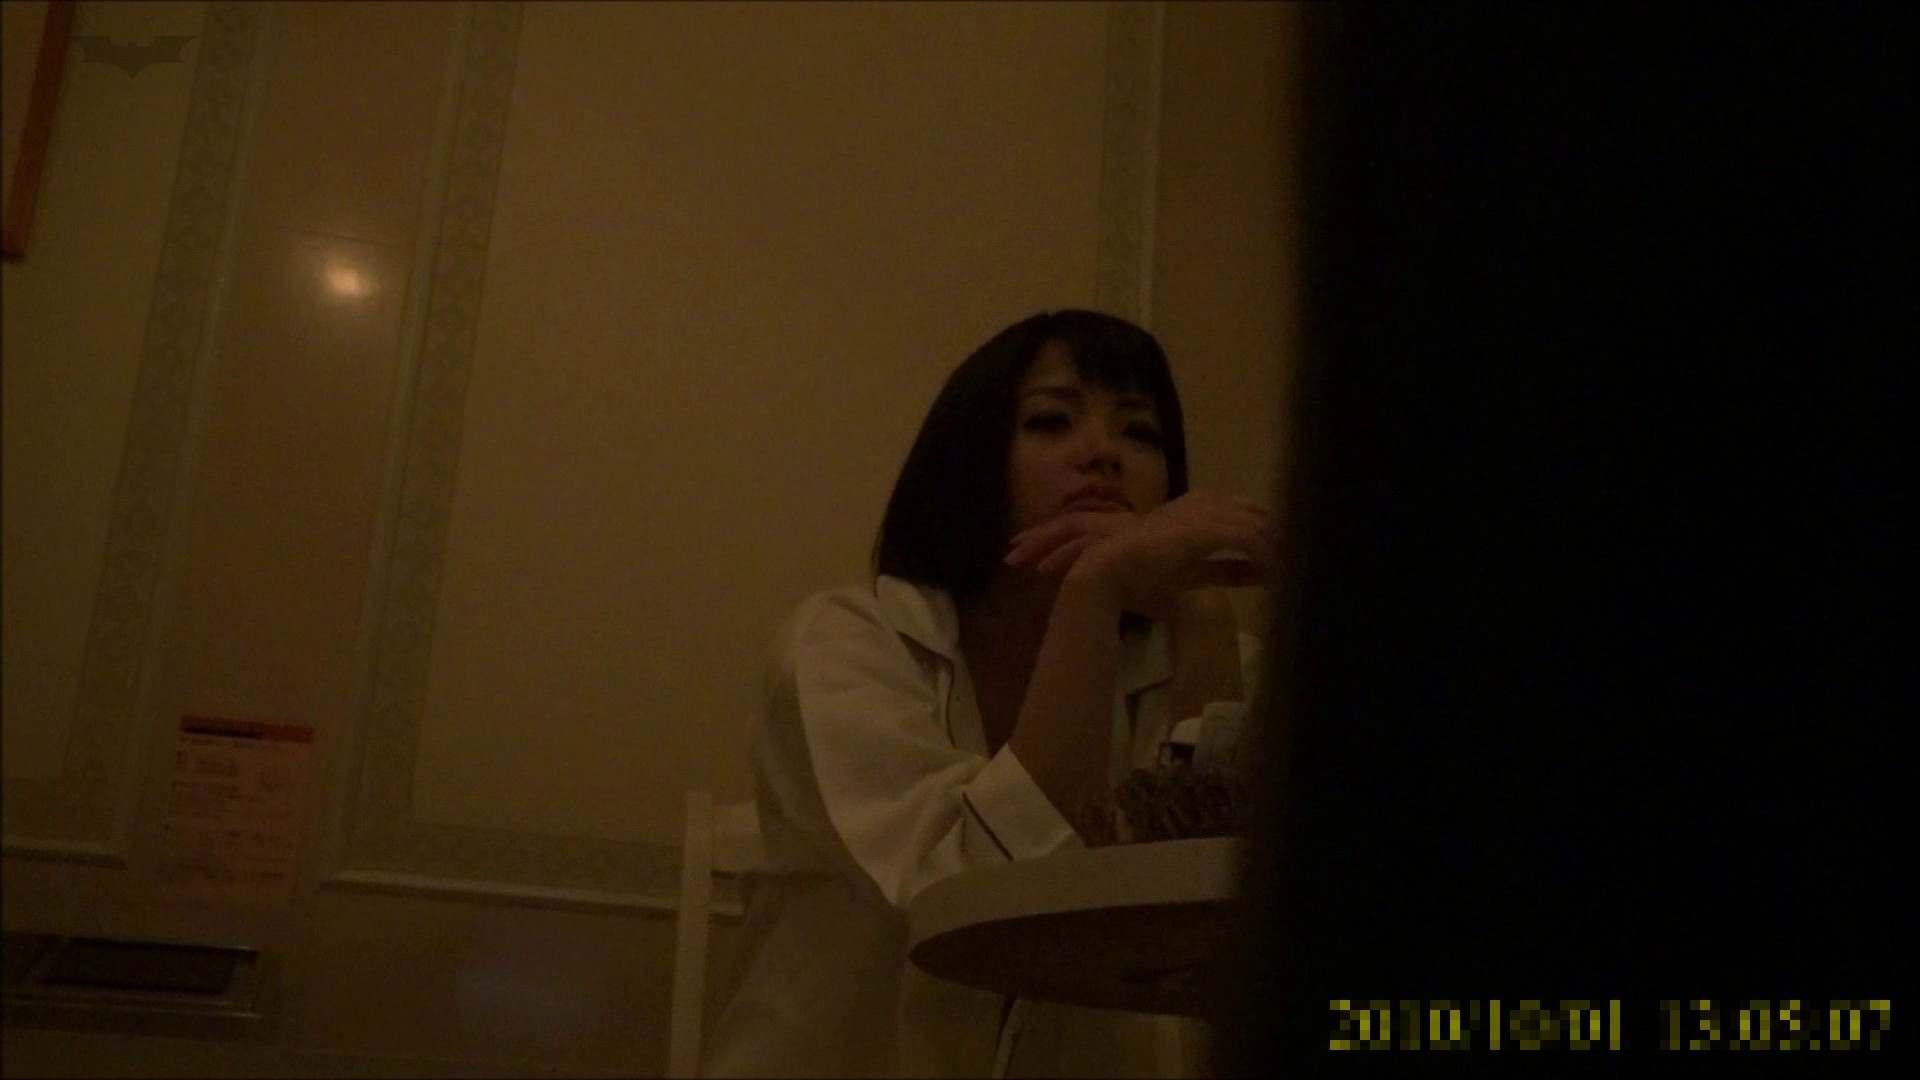 【未公開】vol.96 {茶髪→黒髪ギャル}美巨乳アミちゃん③【前編】 トイレ中   ホテル  96連発 12